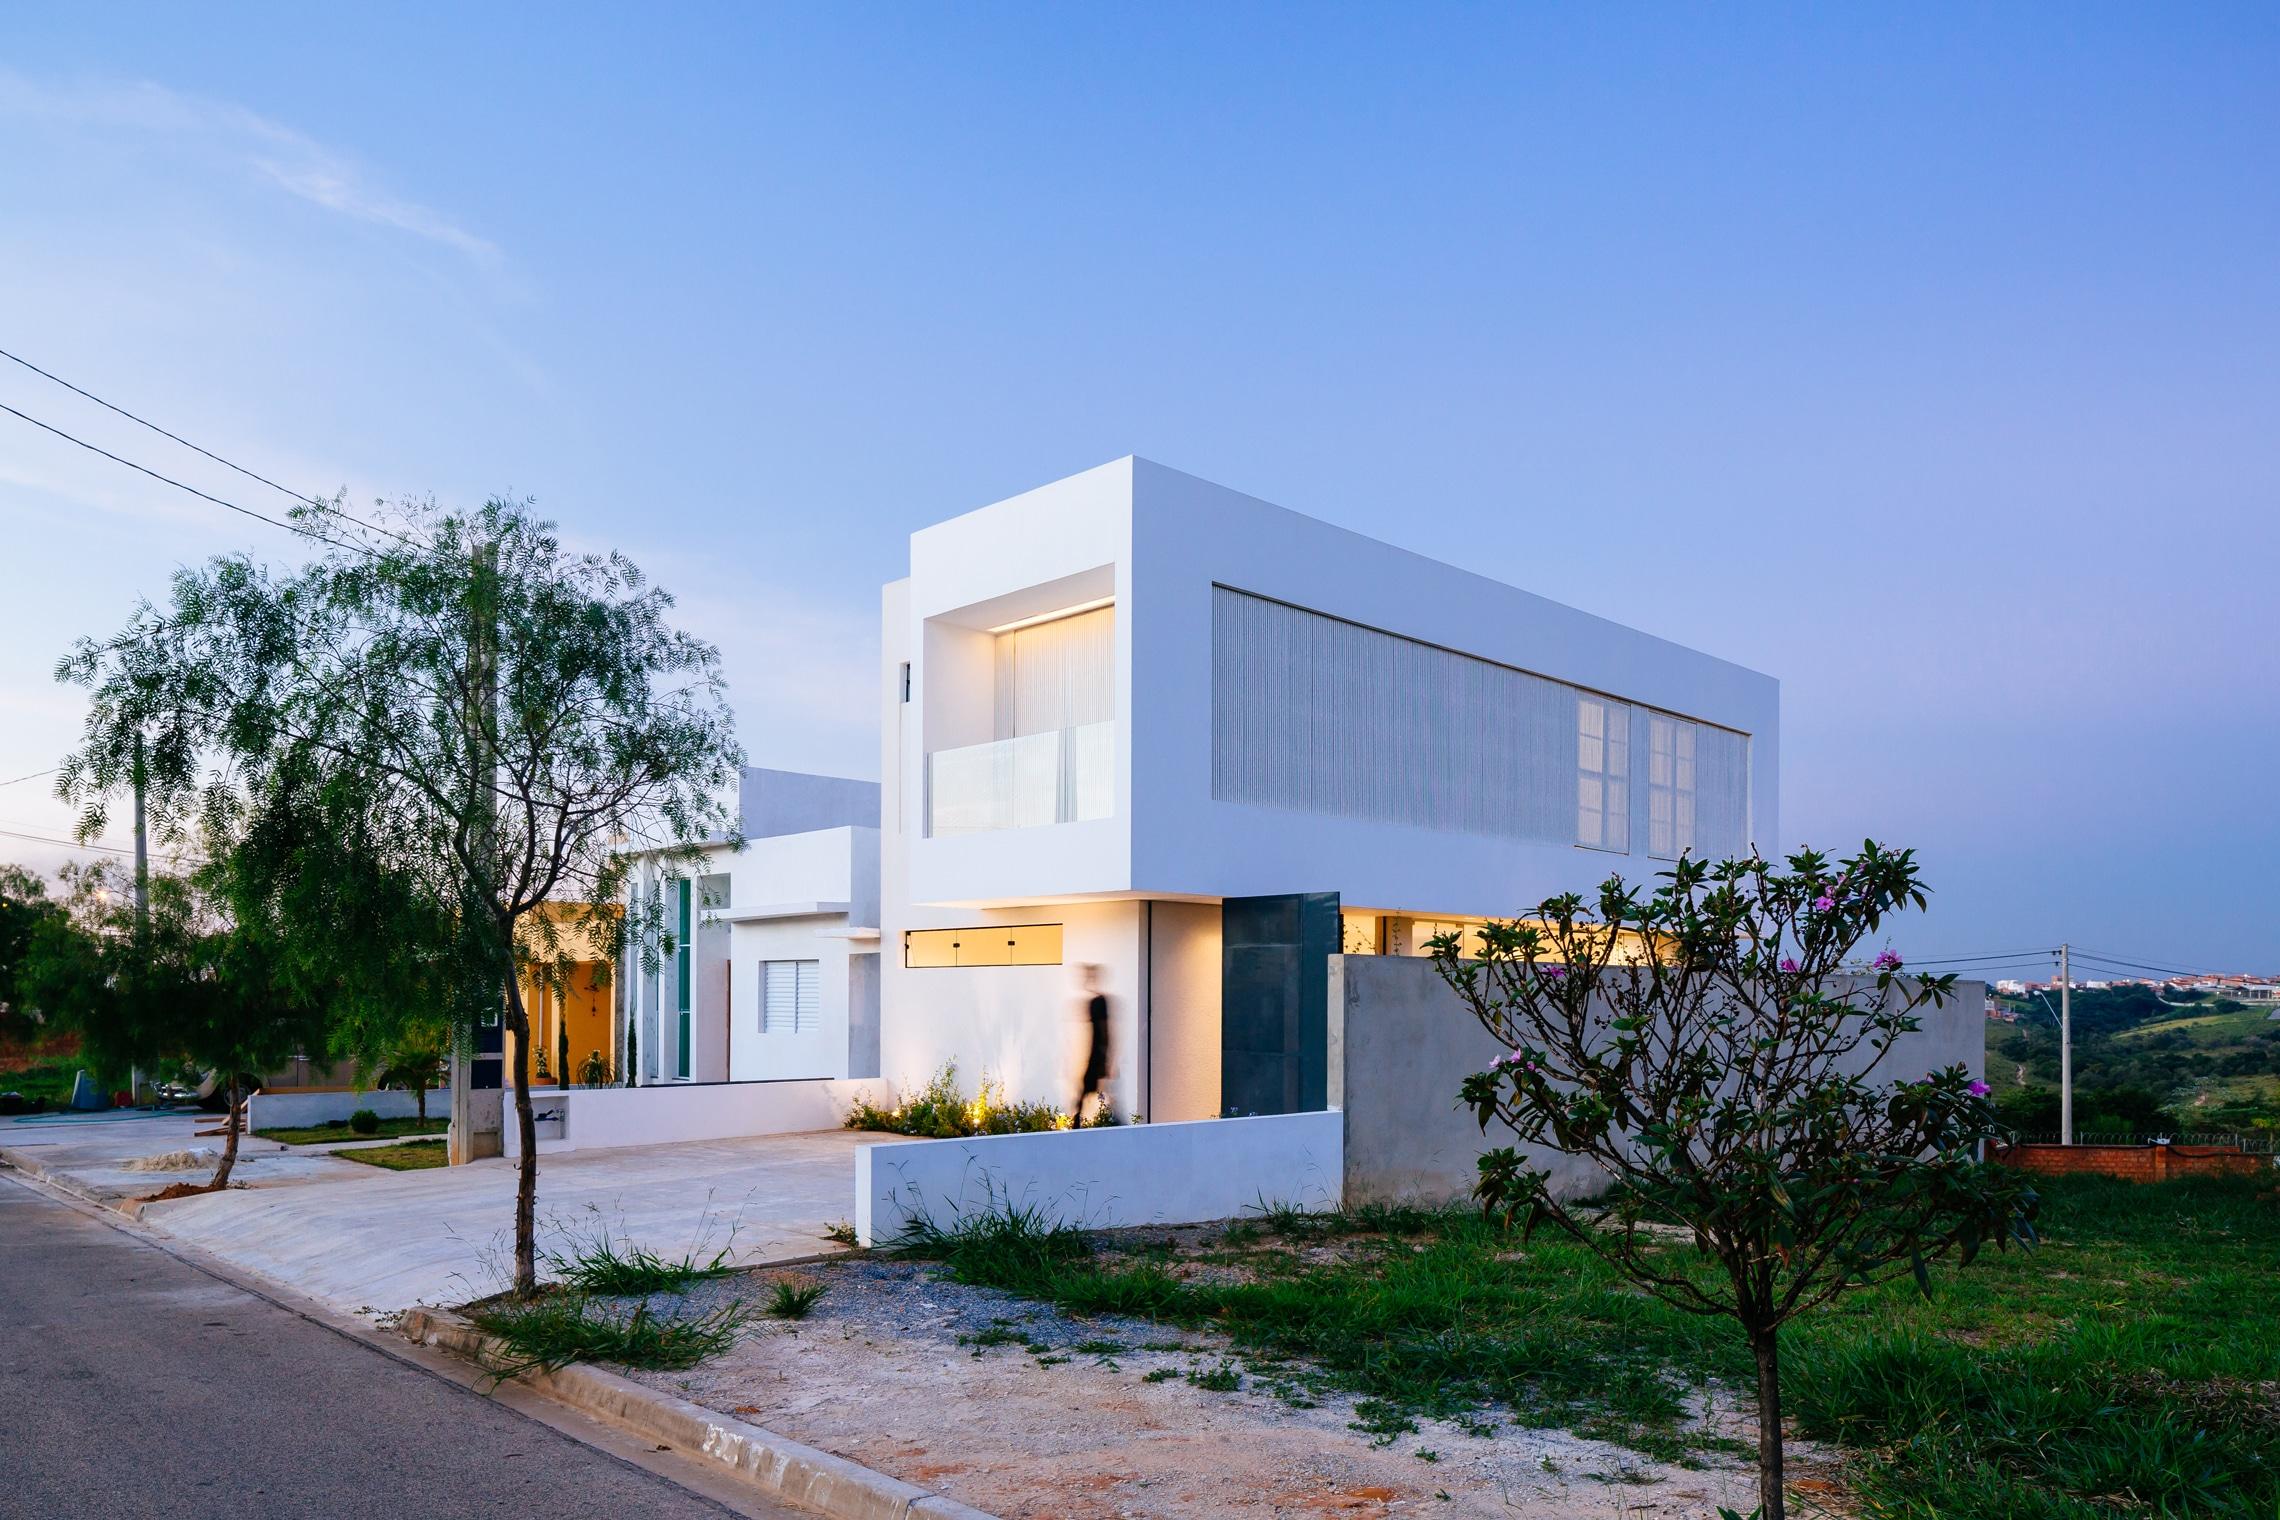 Sencilla Casa De Dos Pisos Con Planos Y Dise 241 O De Interiores Construye Hogar